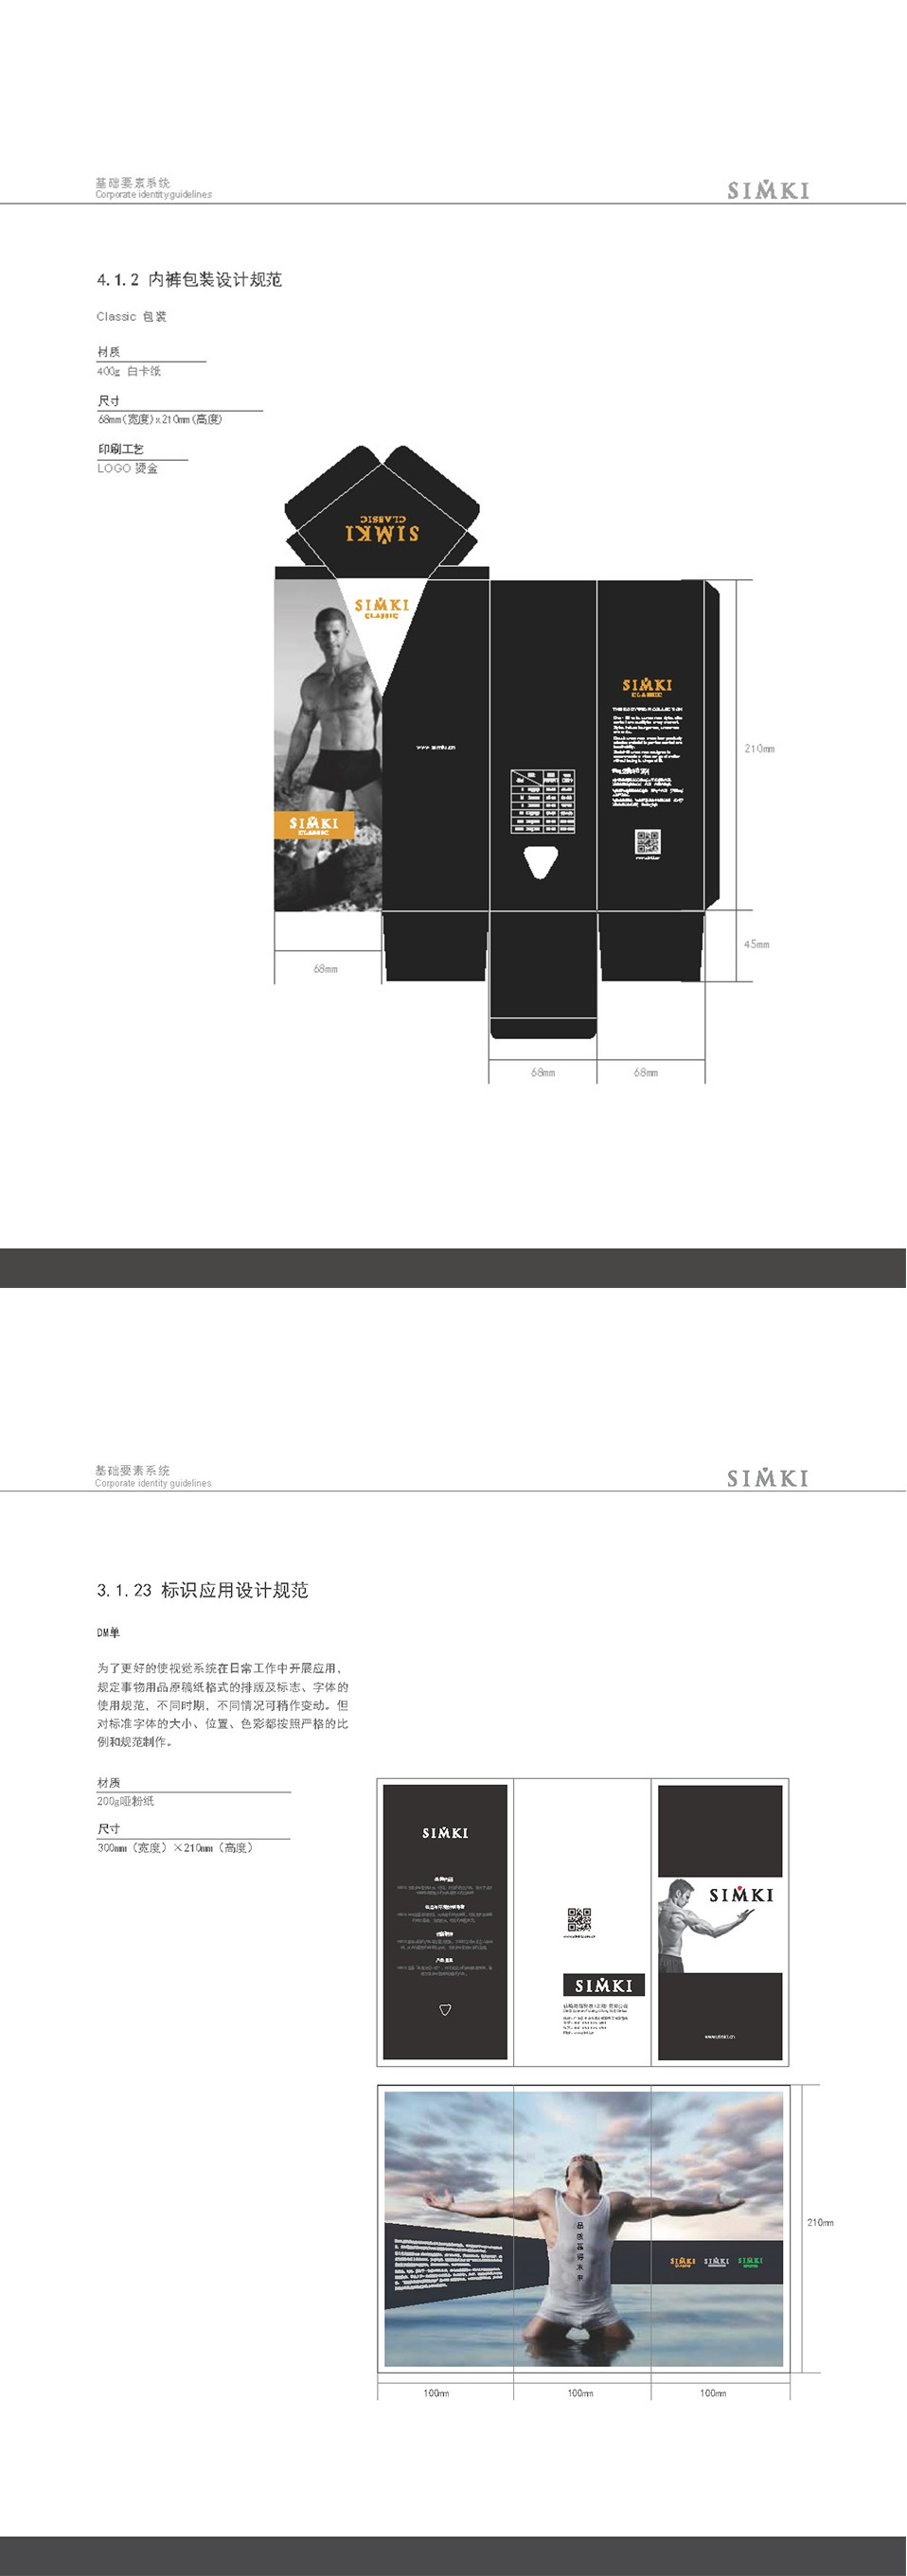 vi设计-品牌设计-画册设计-论坛活动设计_06